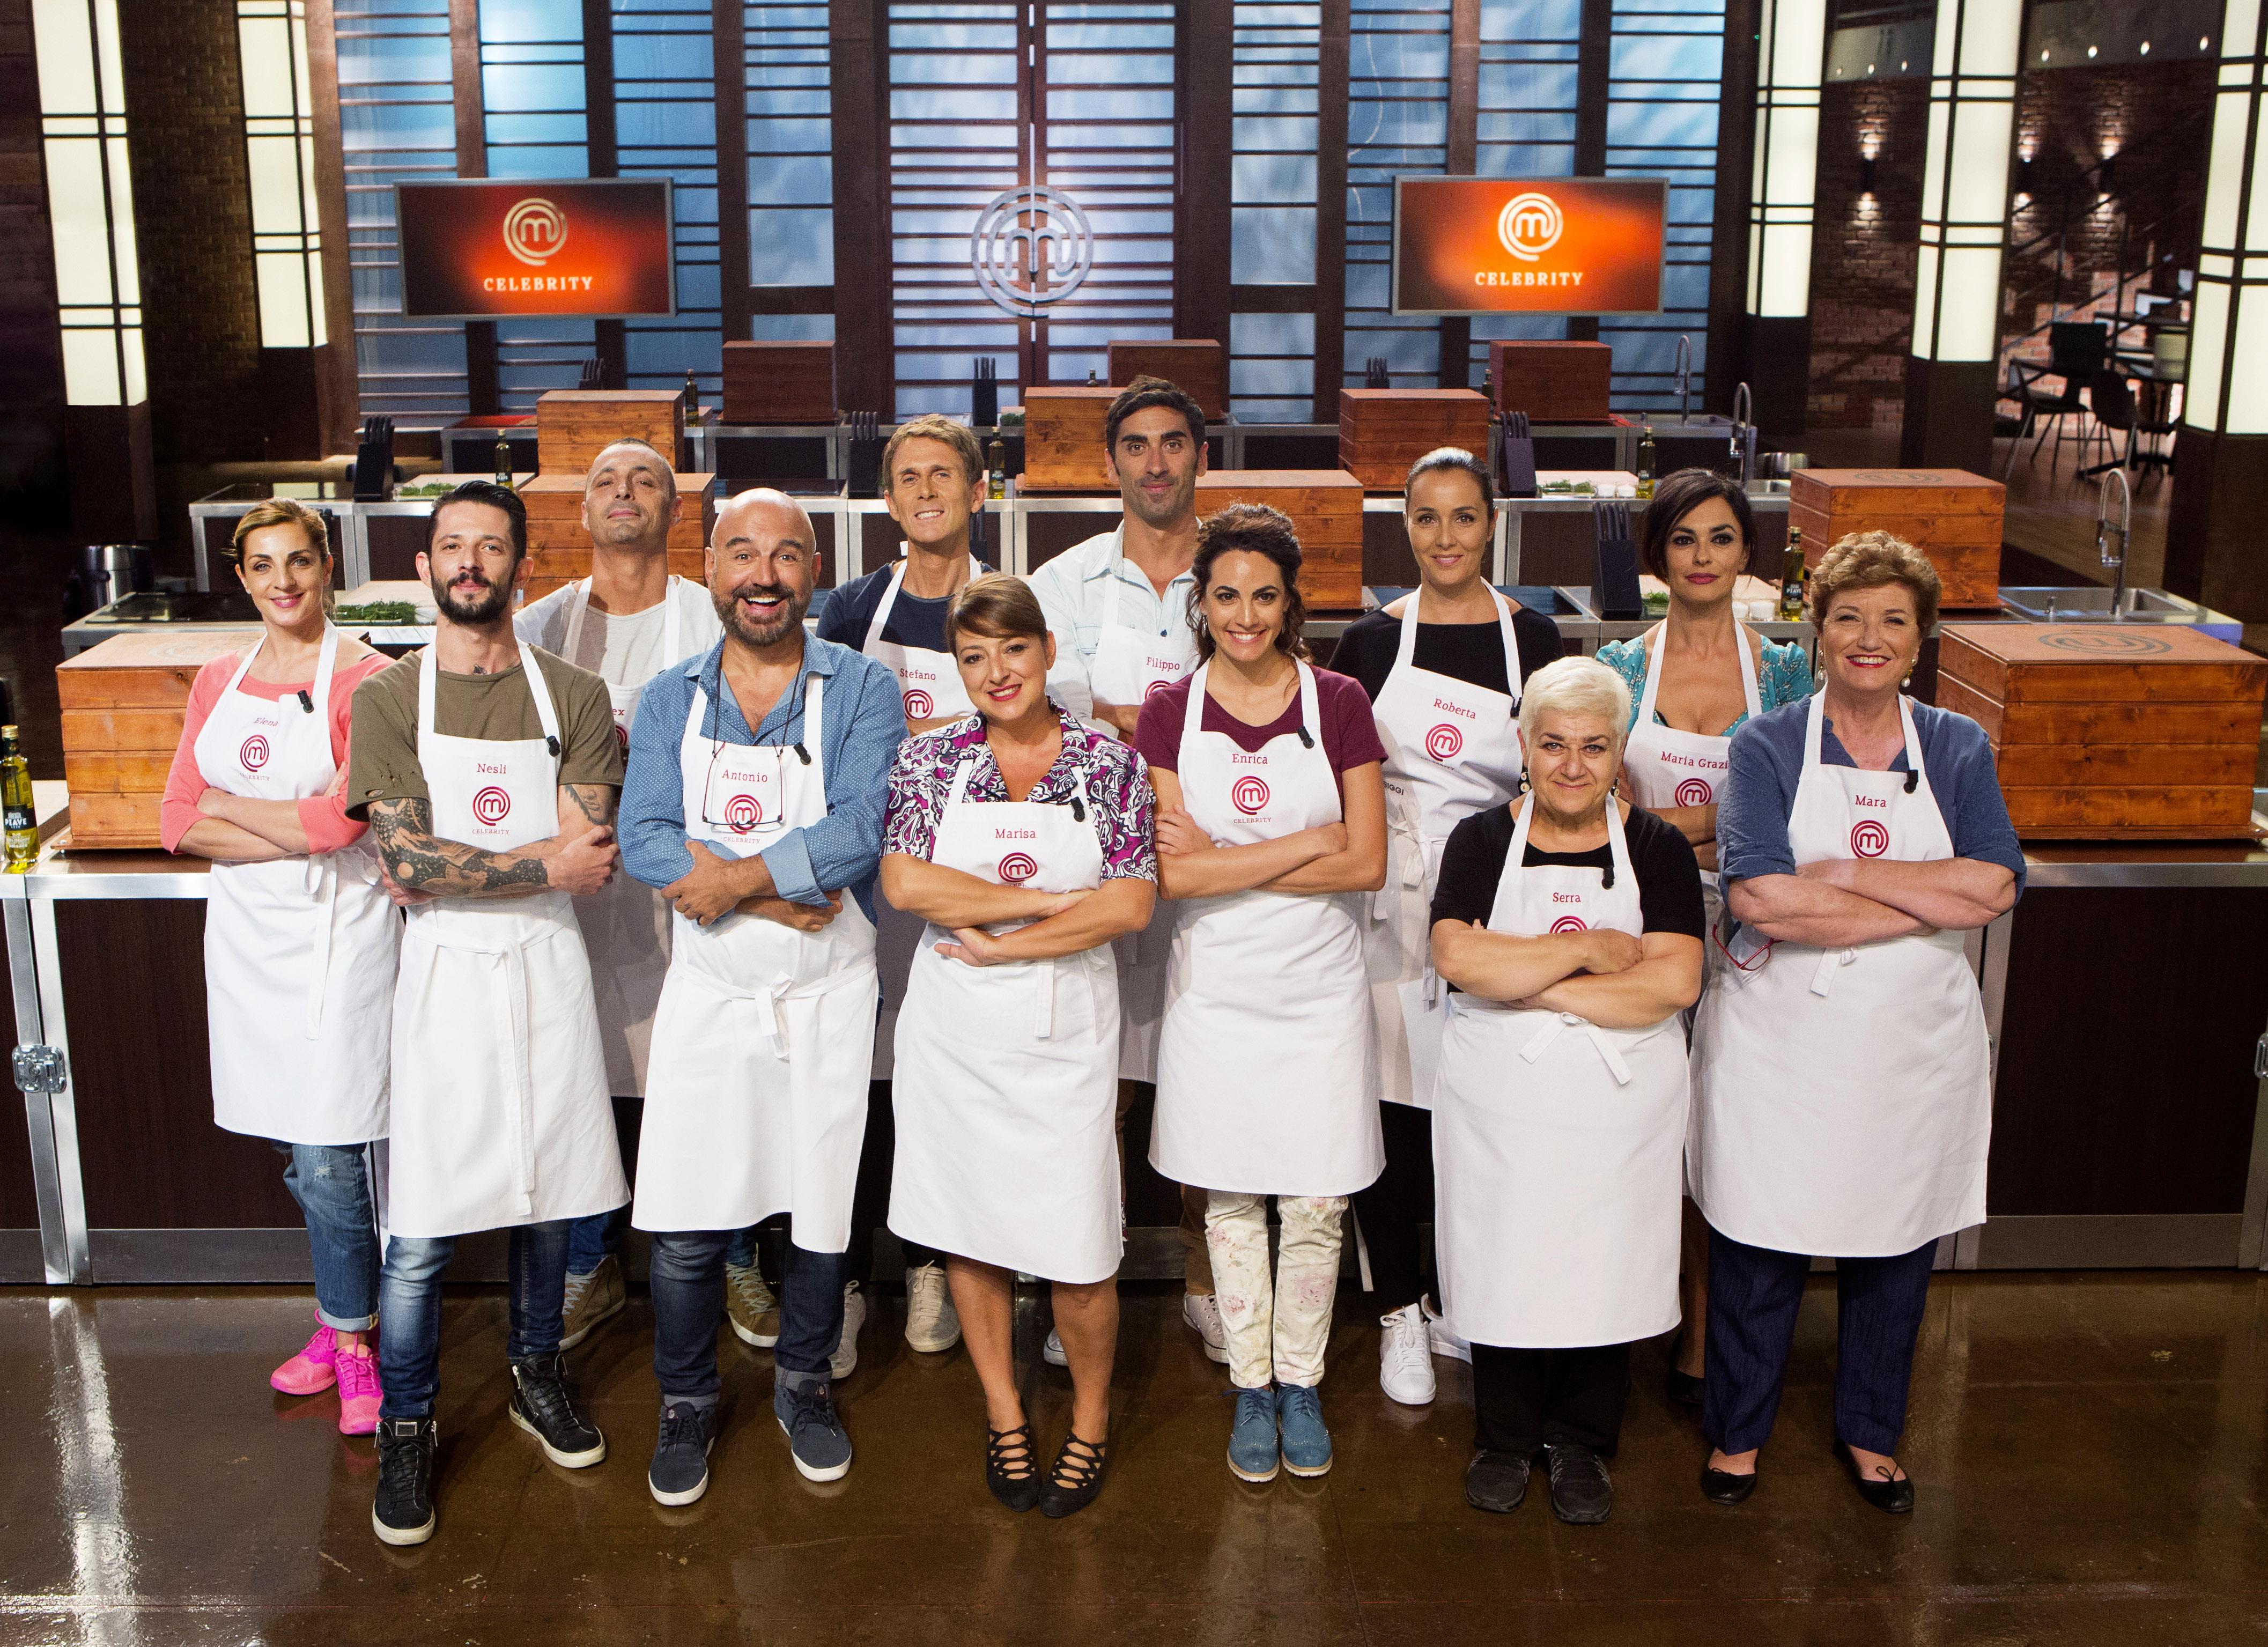 il cast di celebrity masterchef vedr schierati nella celeberrima cucina della masterclass il cantante alex britti lastrologo antonio capitani